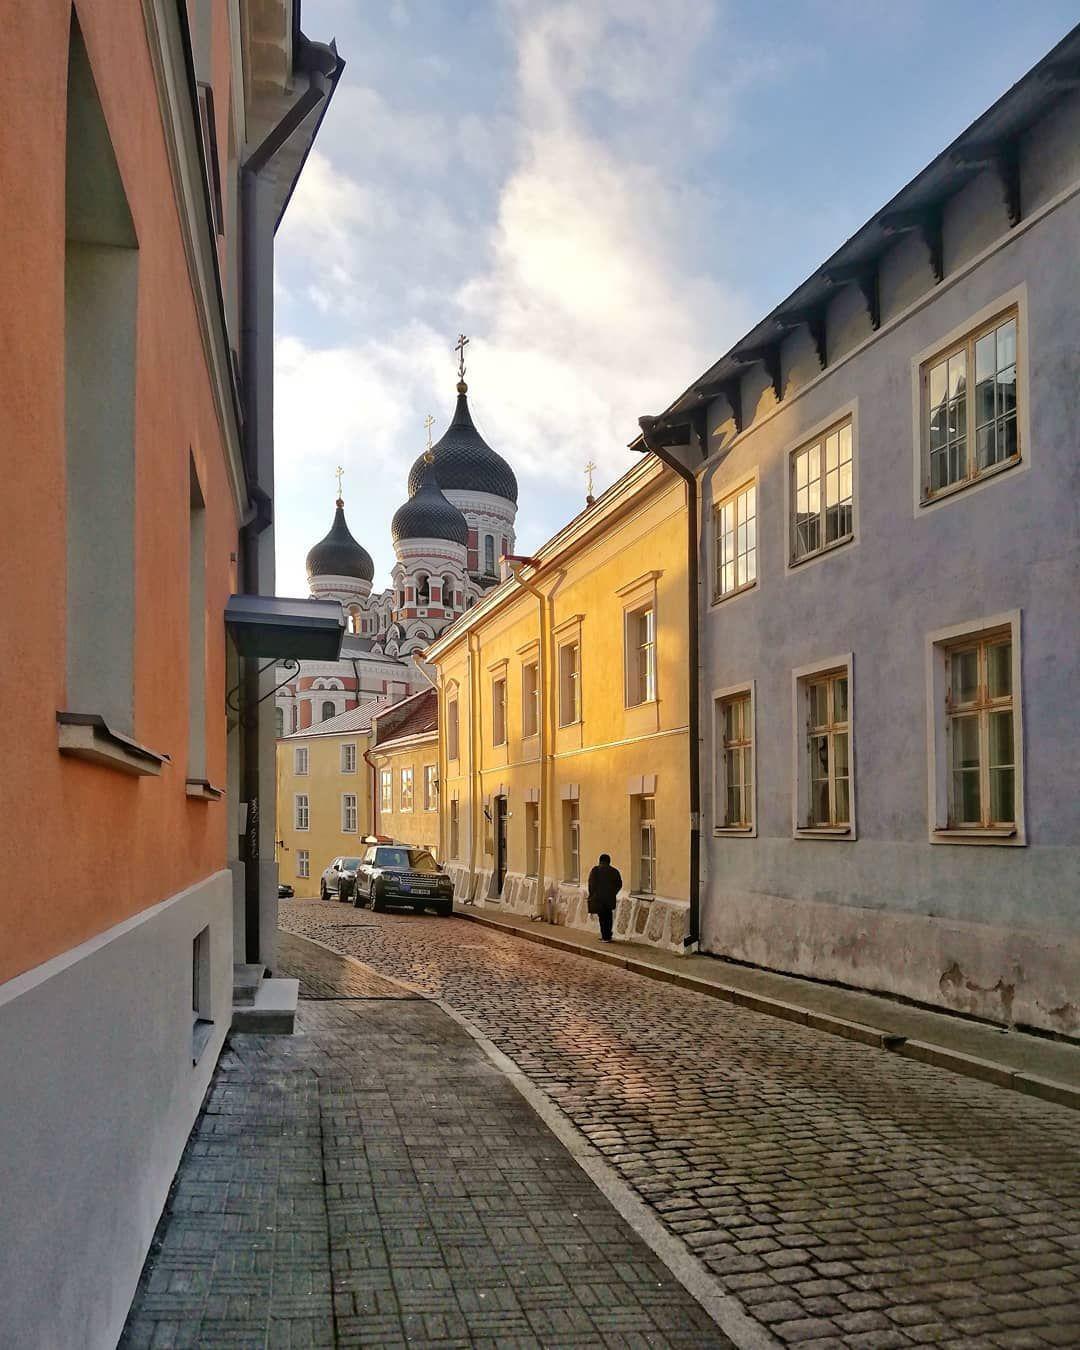 Good Morning From Tallinn Oldtowntallinn Bitsofbaltics Visitestonia Newdestinations Estonia Estonia Tallinn Haapsalu